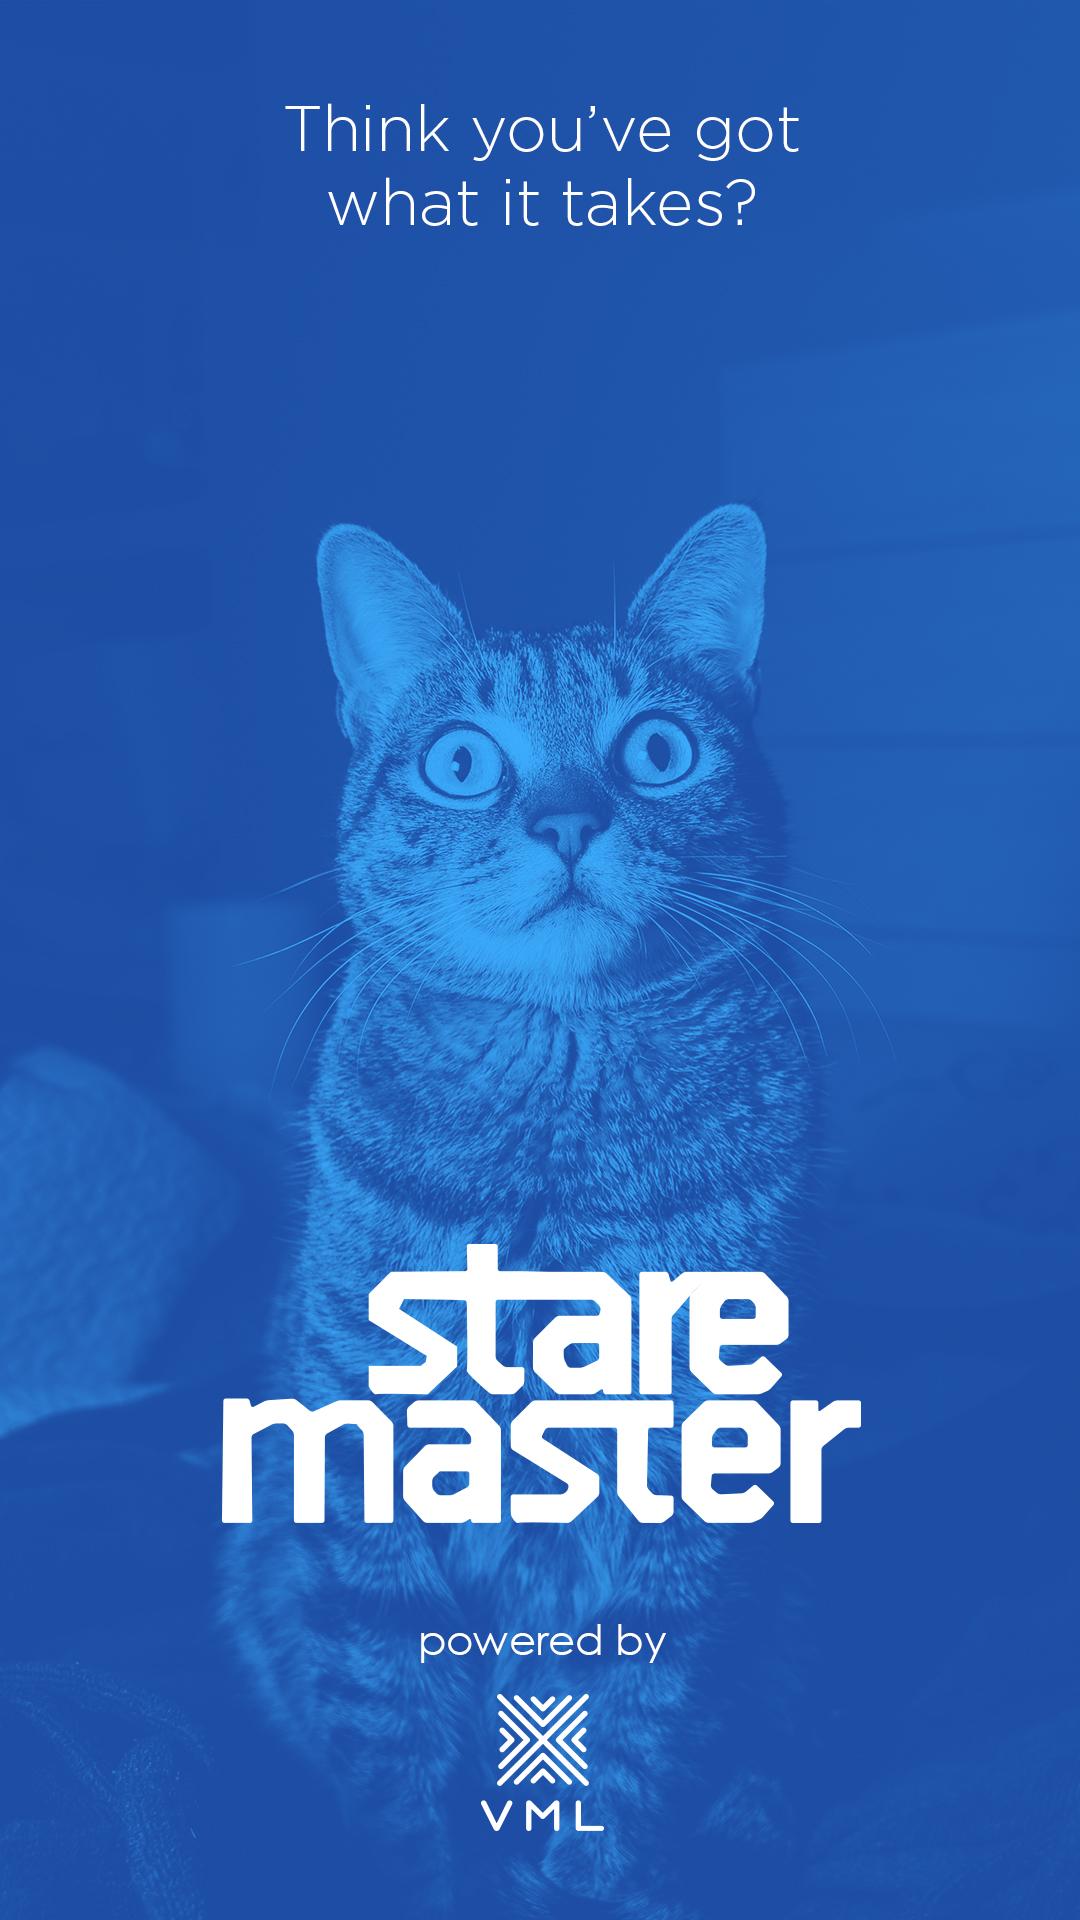 StareMaster_cat.jpg